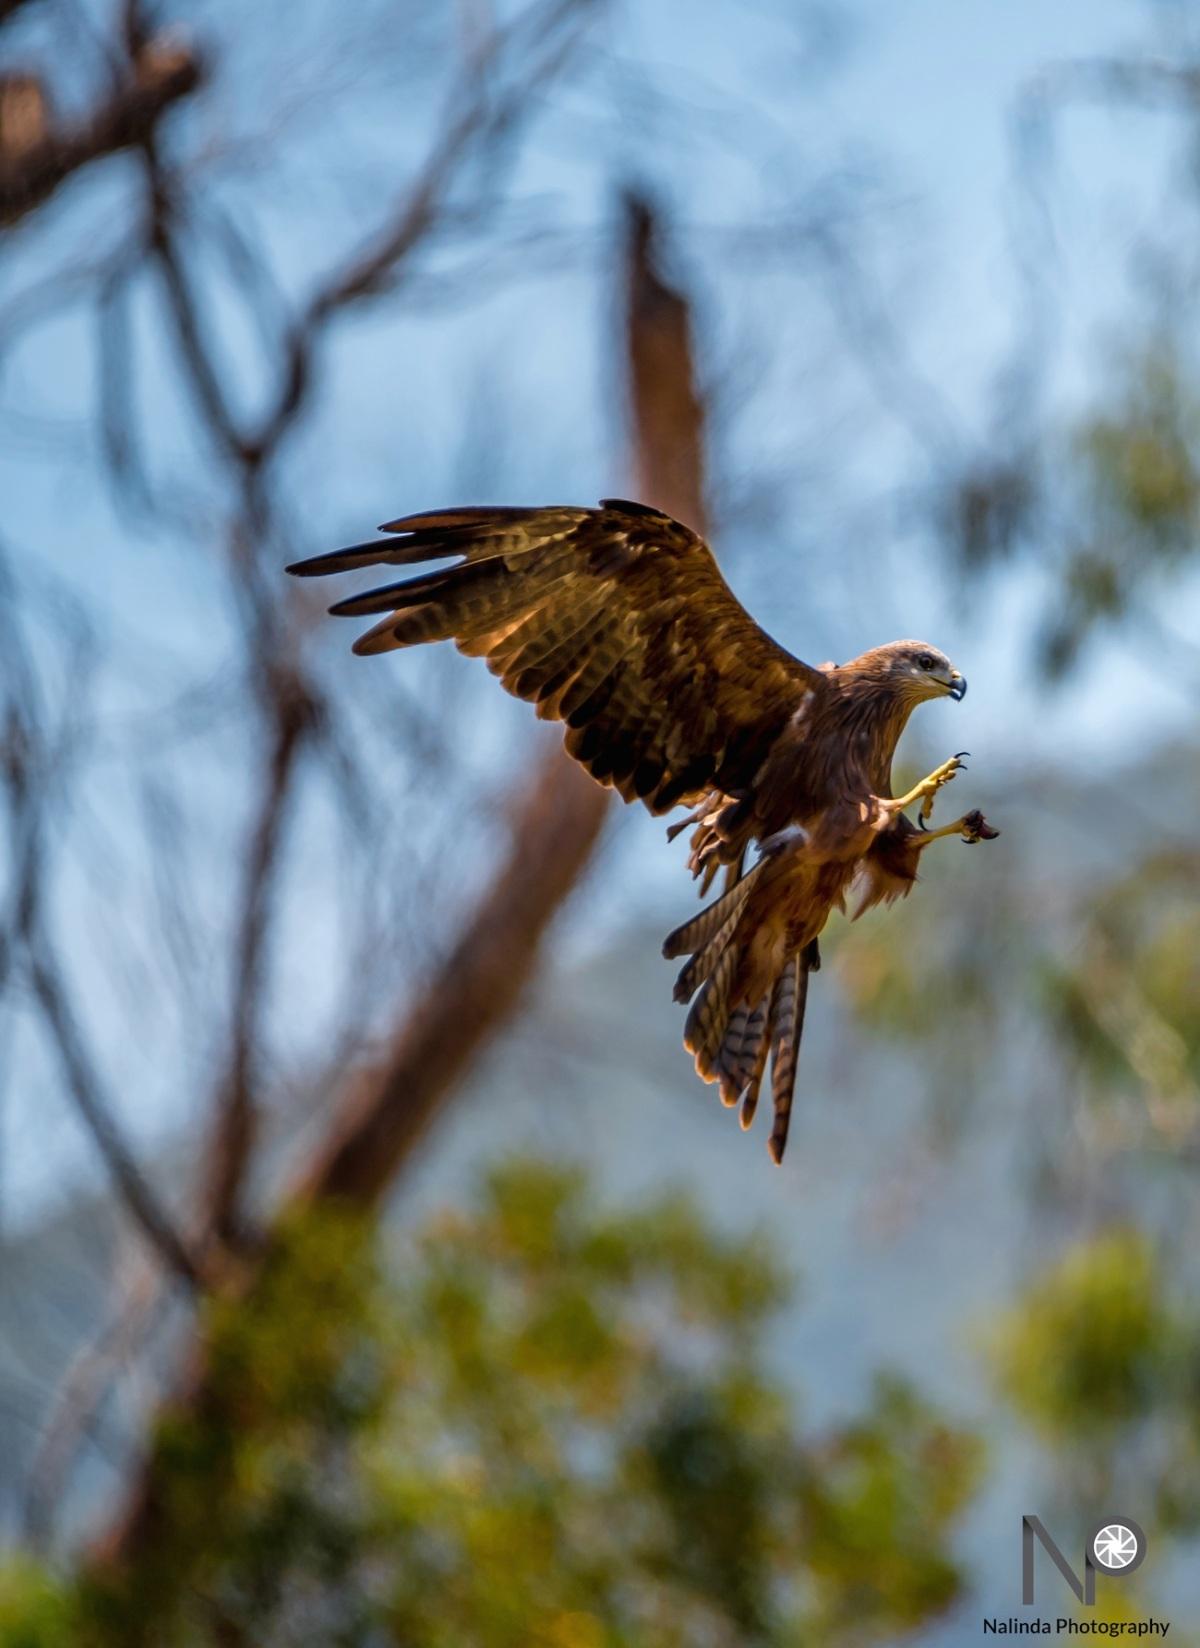 Eagle mid flight